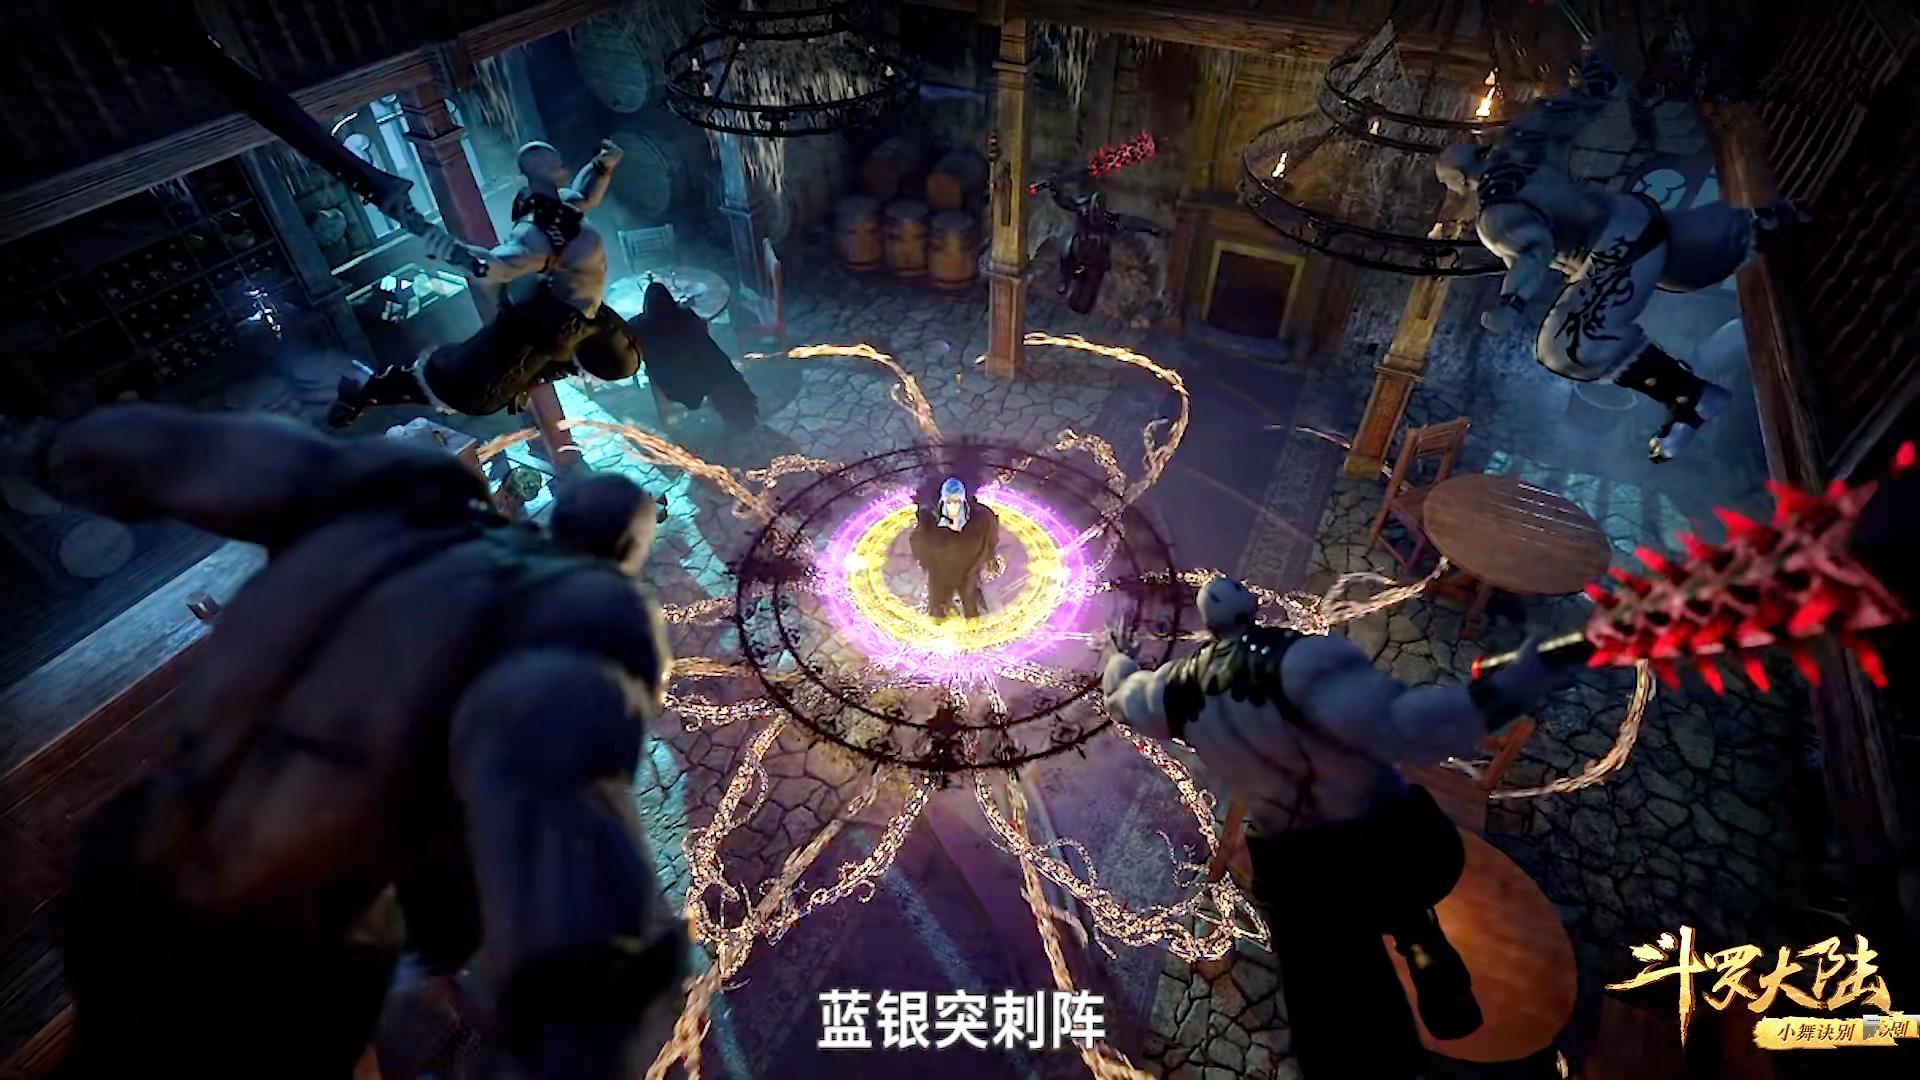 斗罗113集:酒馆之战蓝银皇初显威能,有谁注意到唐昊的表情?